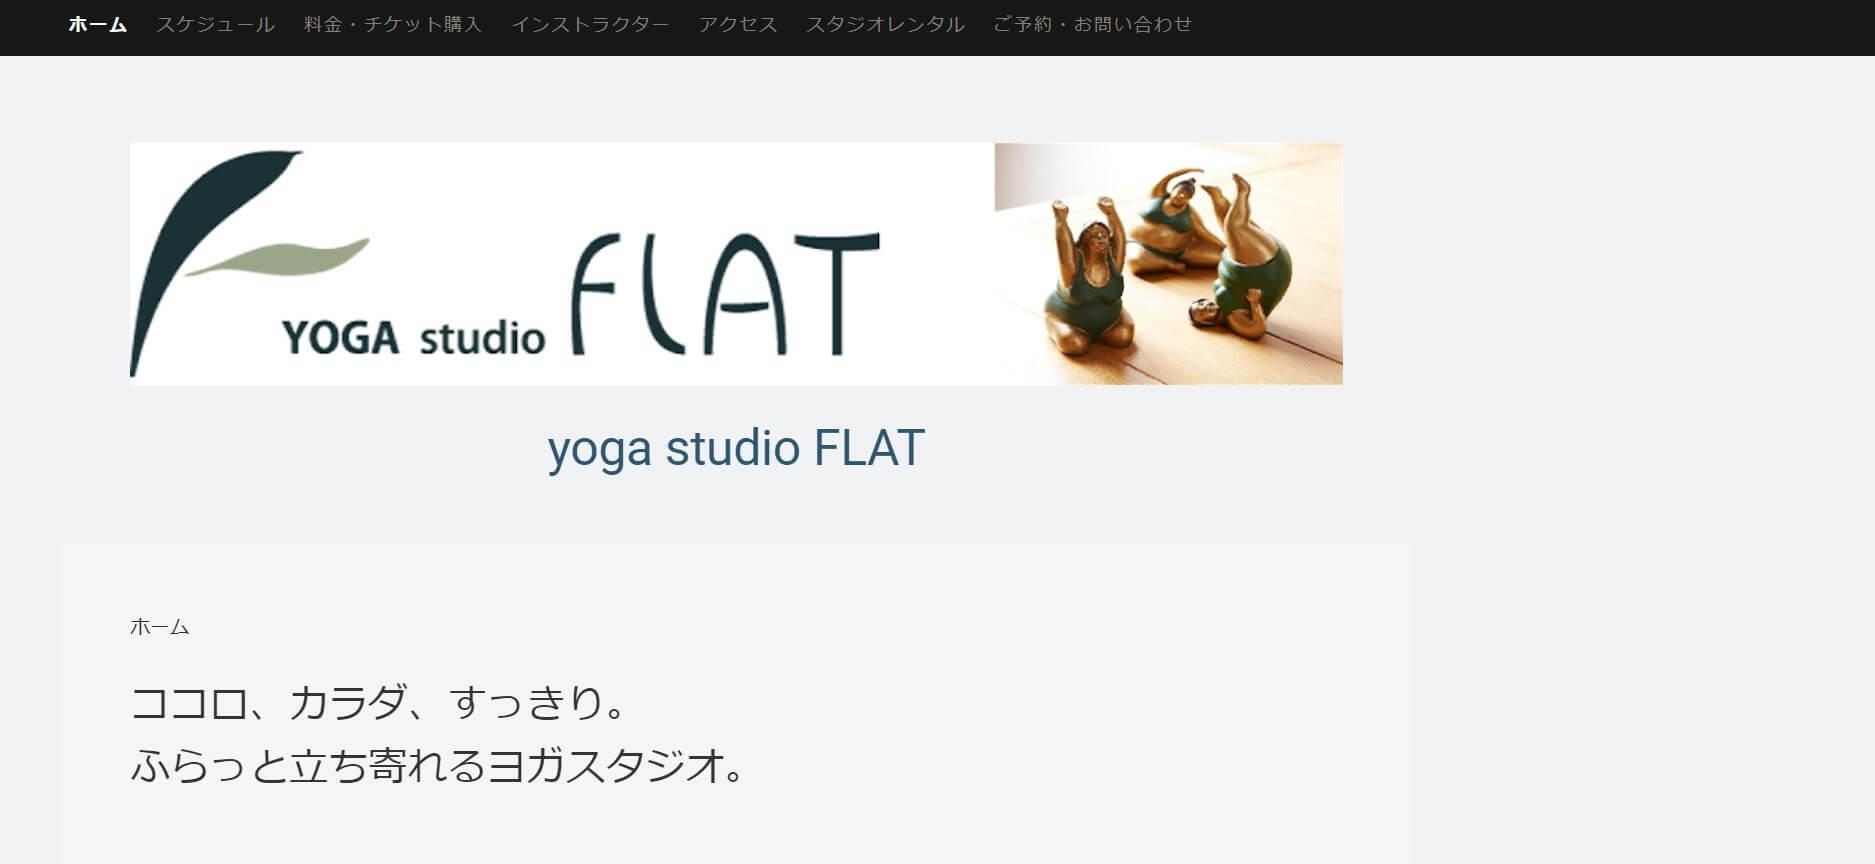 Yoga Flat